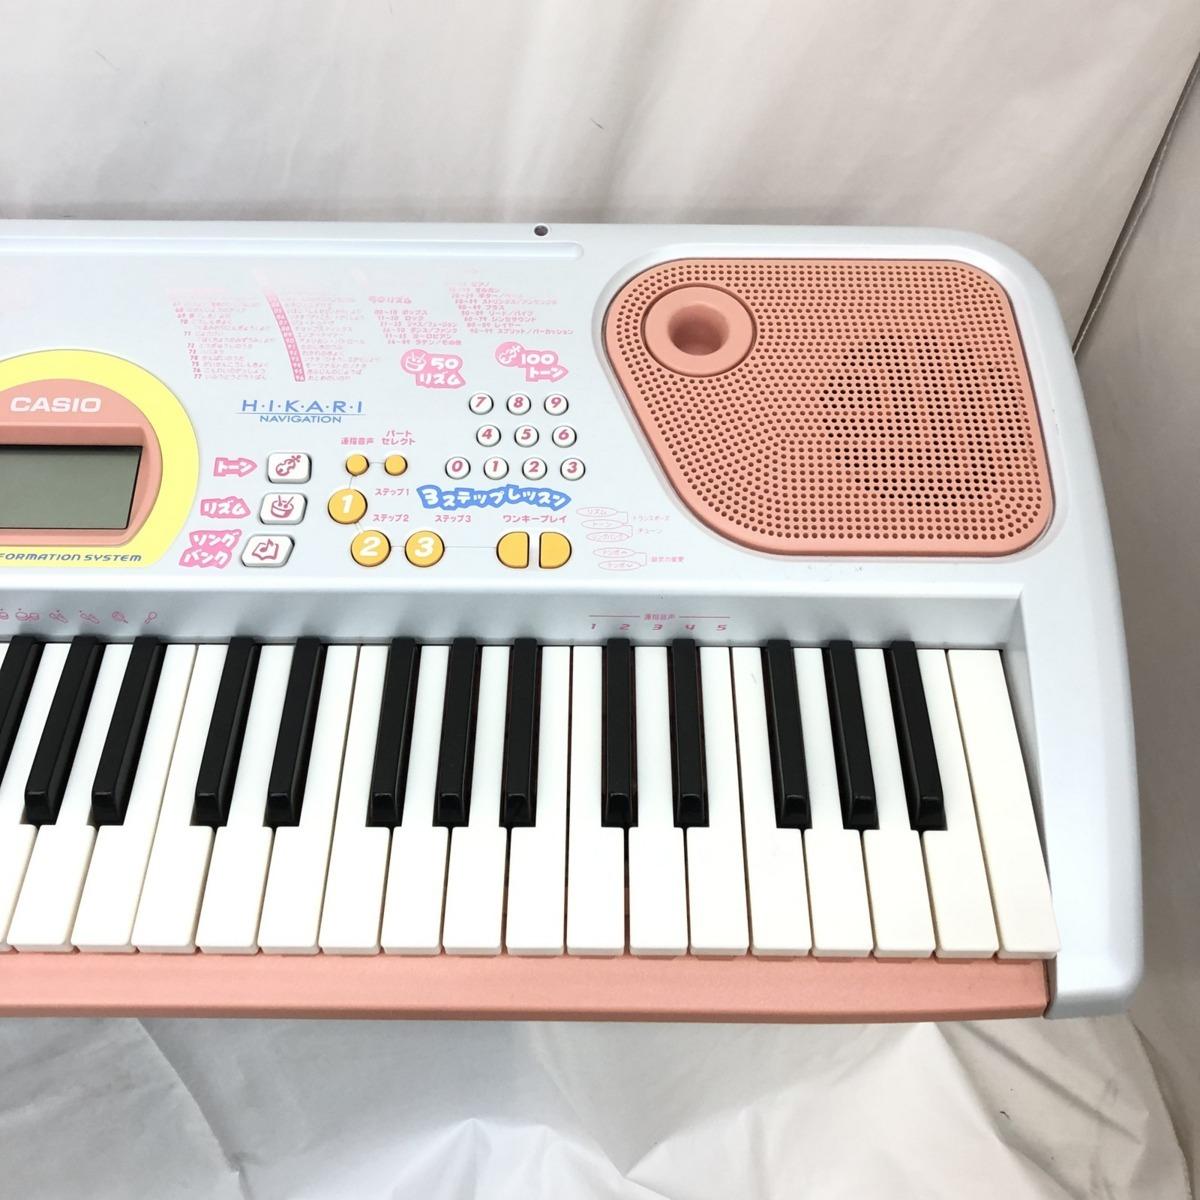 中古 CASIO カシオ 電子キーボード LK-102PK 61鍵盤 光ナビゲーション シルバー ピンク系 ポップカラー 電子ピアノ H15209_画像6